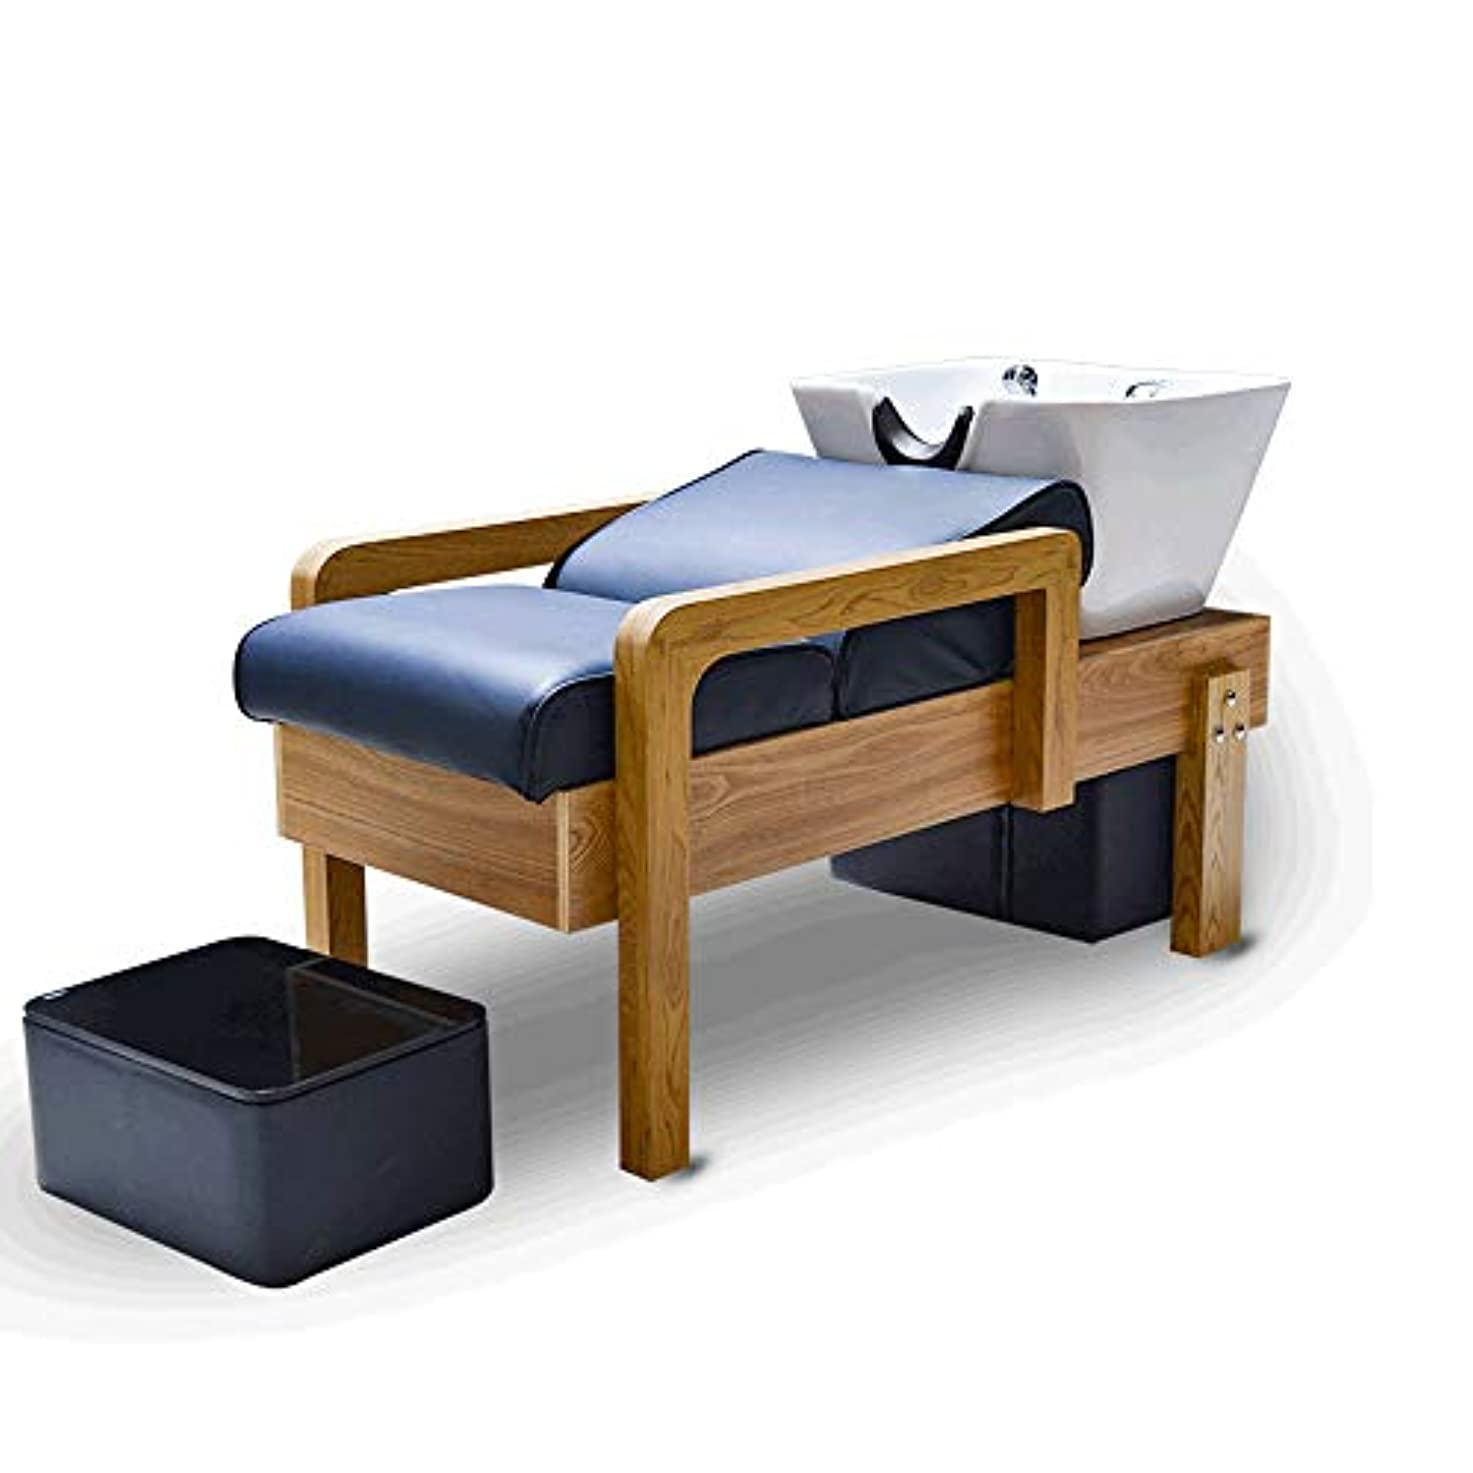 公演フットボール旅行者シャンプー椅子逆洗ボウルユニット駅理容椅子、 ヘアーサロンの純木の半横たわるシャンプーのベッドの鉱泉の大広間装置